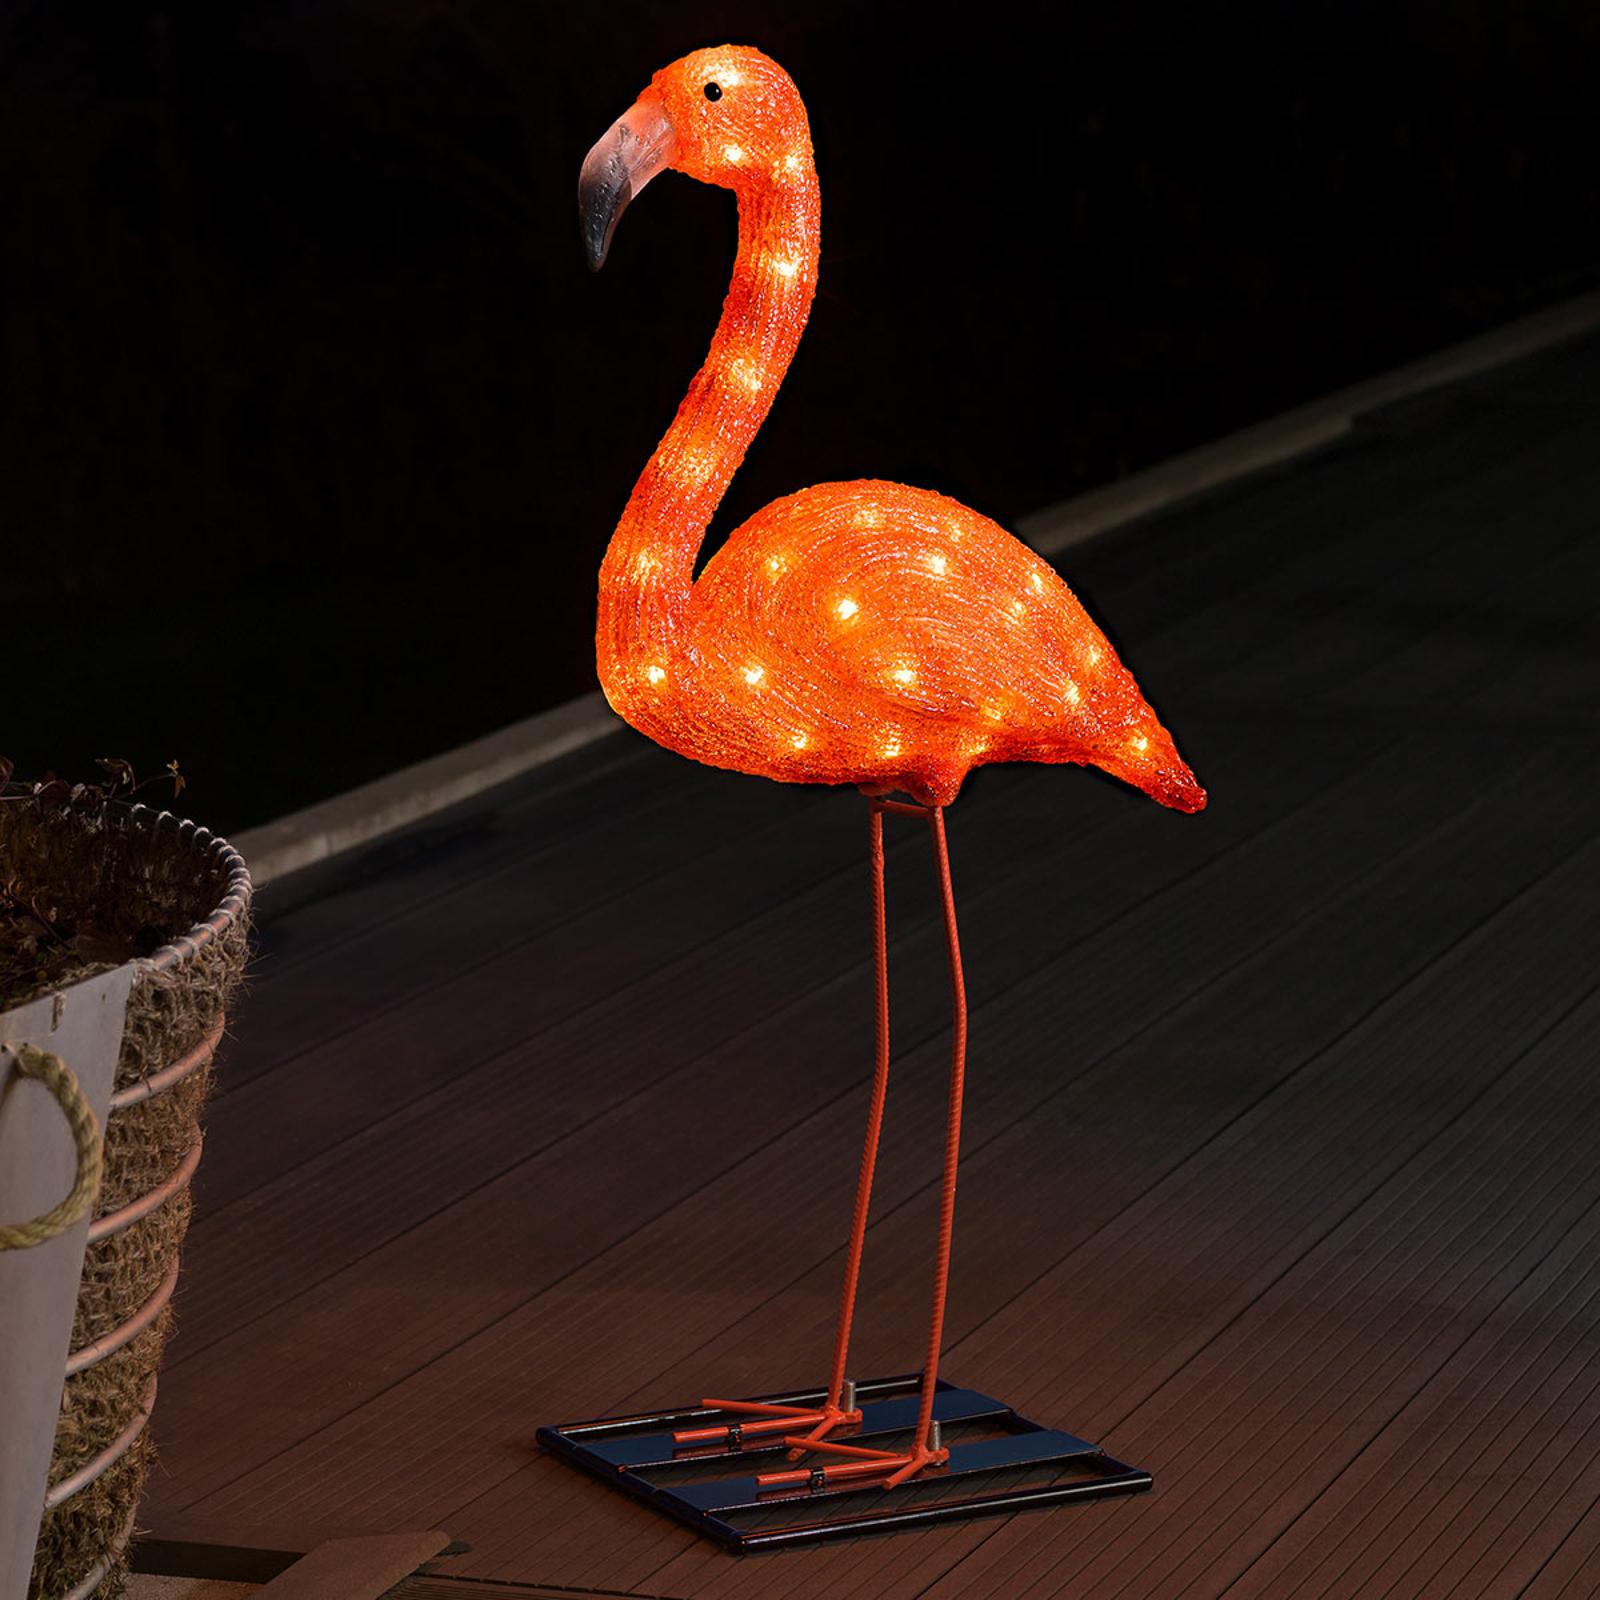 LED-Dekorationsleuchte Flamingo 65 cm